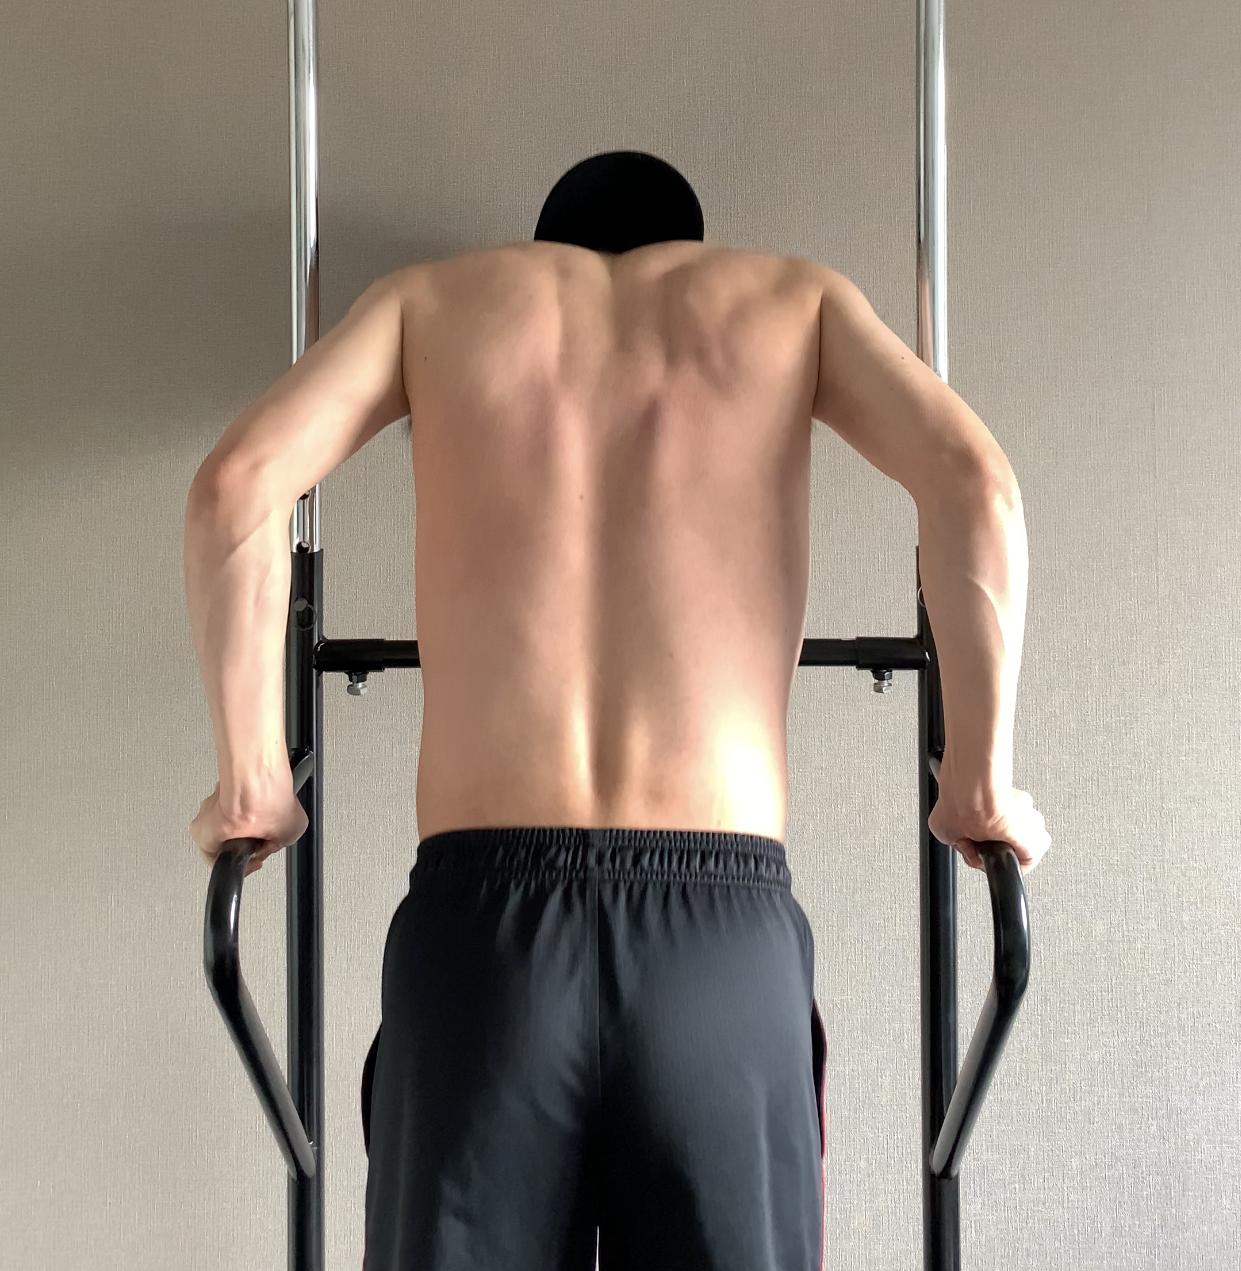 【筋トレ】私がプリズナートレーニングをやめる理由